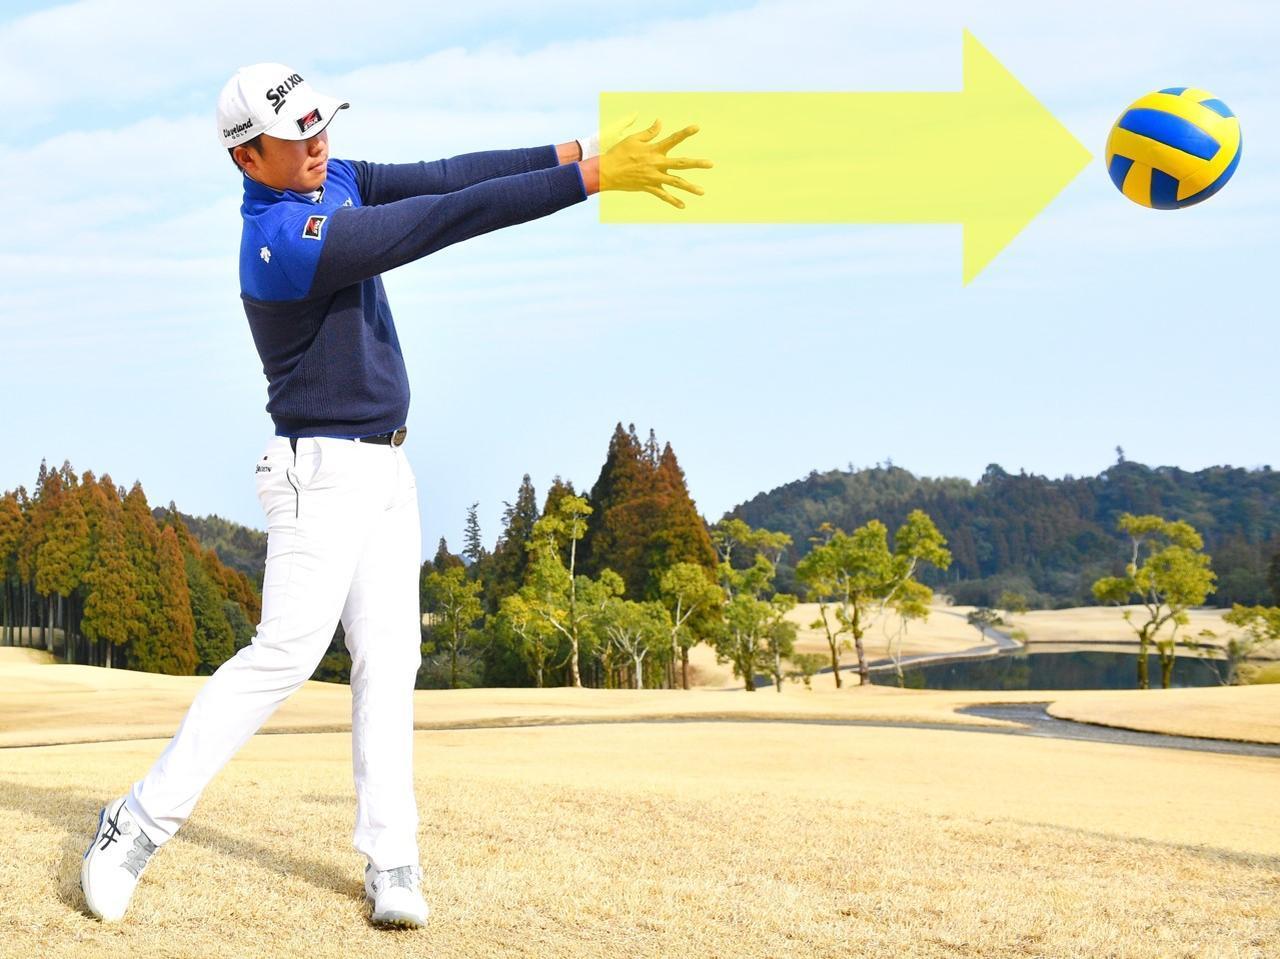 画像: 力の向きは、ボールを投げるときと一緒